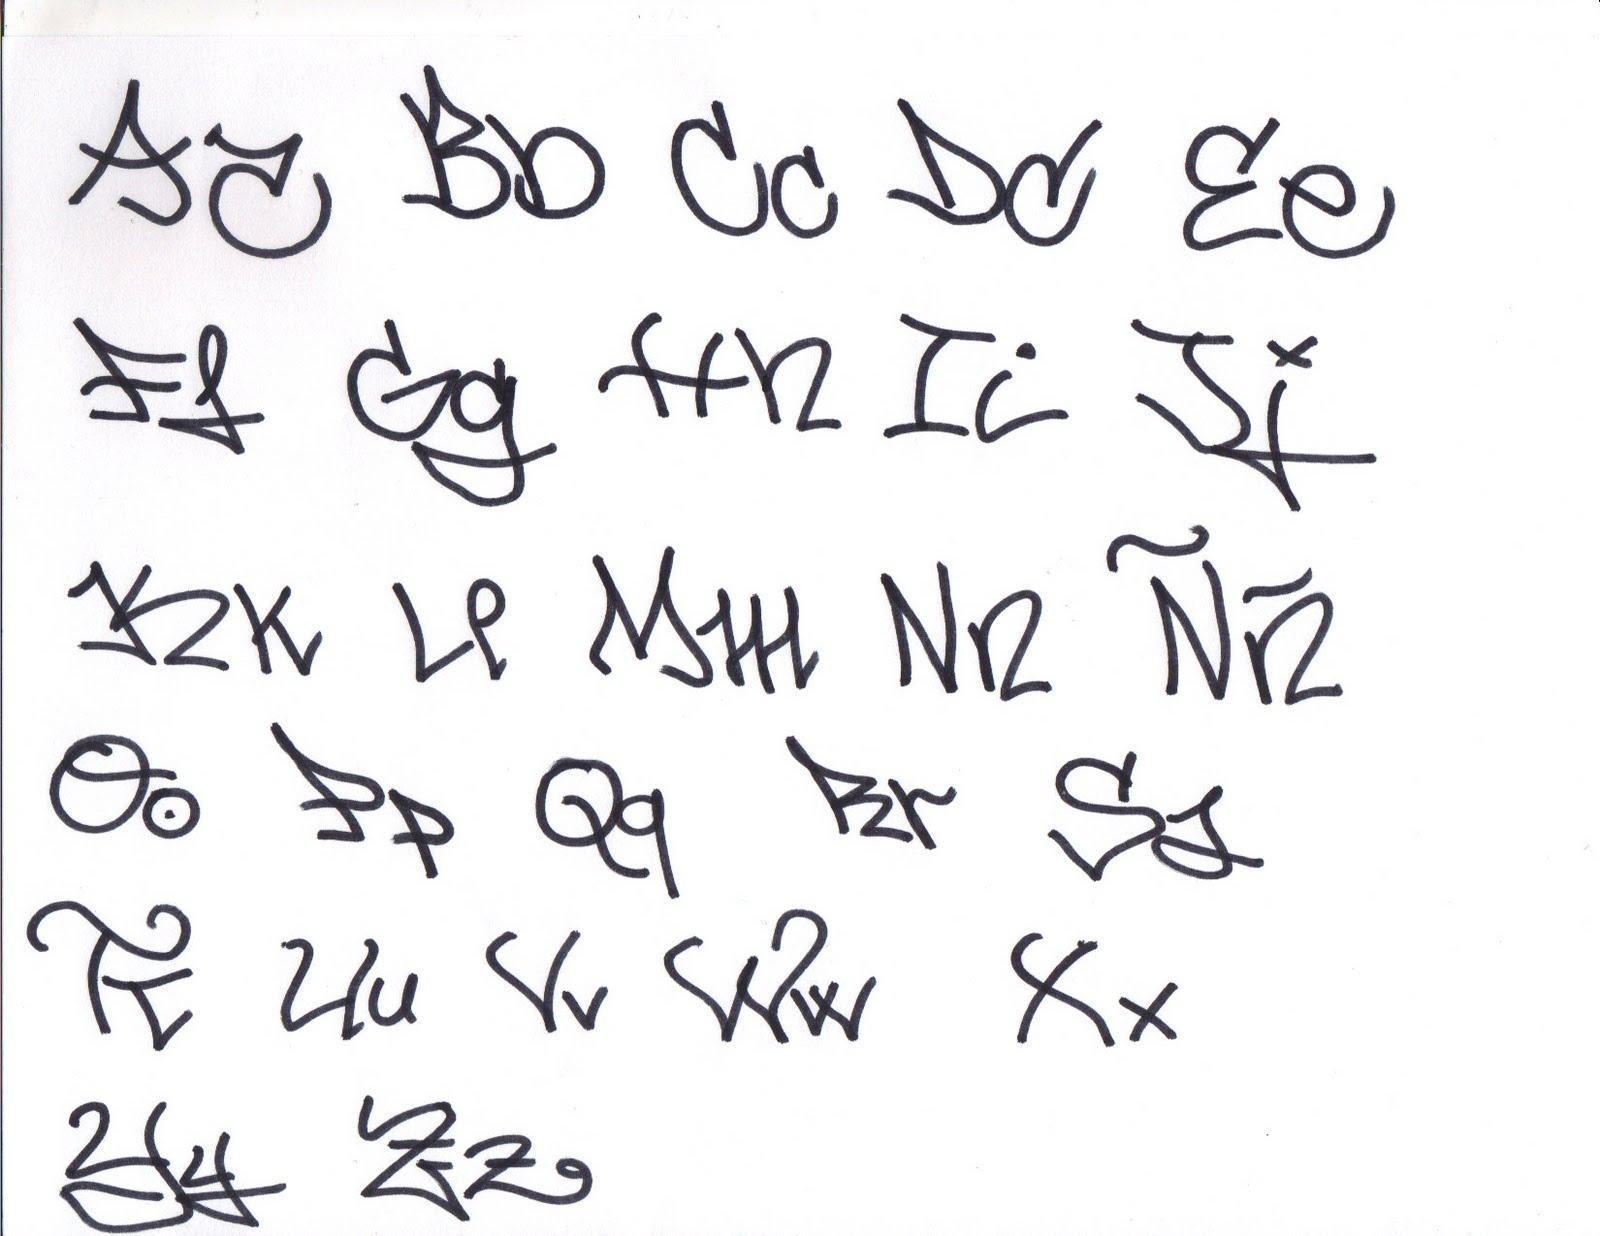 abecedario graffiti graffiti alphabet letters